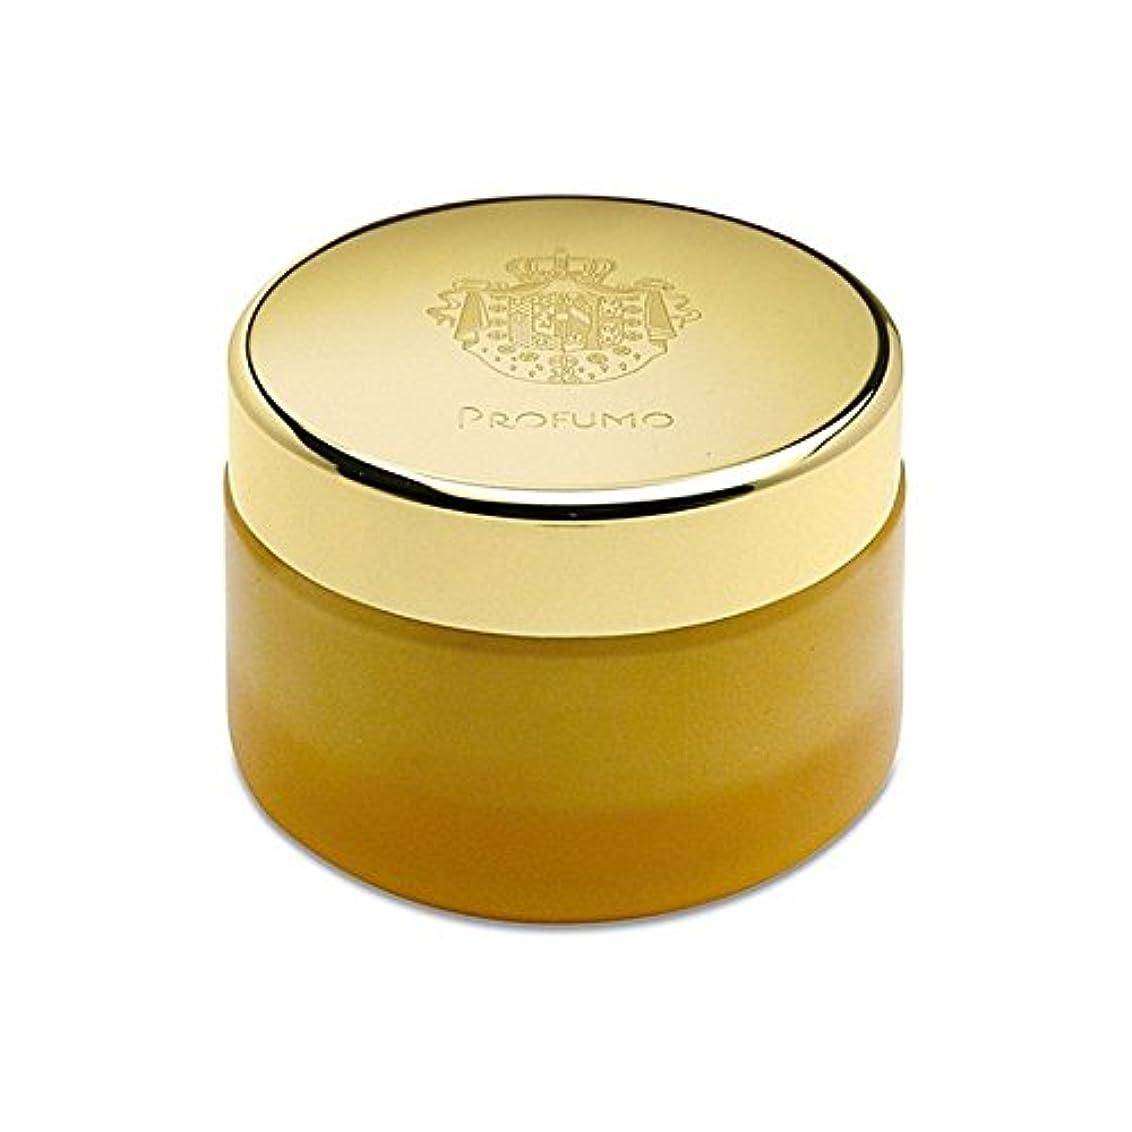 良さ株式会社モーターアクアディパルマボディクリーム200ミリリットル x4 - Acqua Di Parma Profumo Body Cream 200ml (Pack of 4) [並行輸入品]